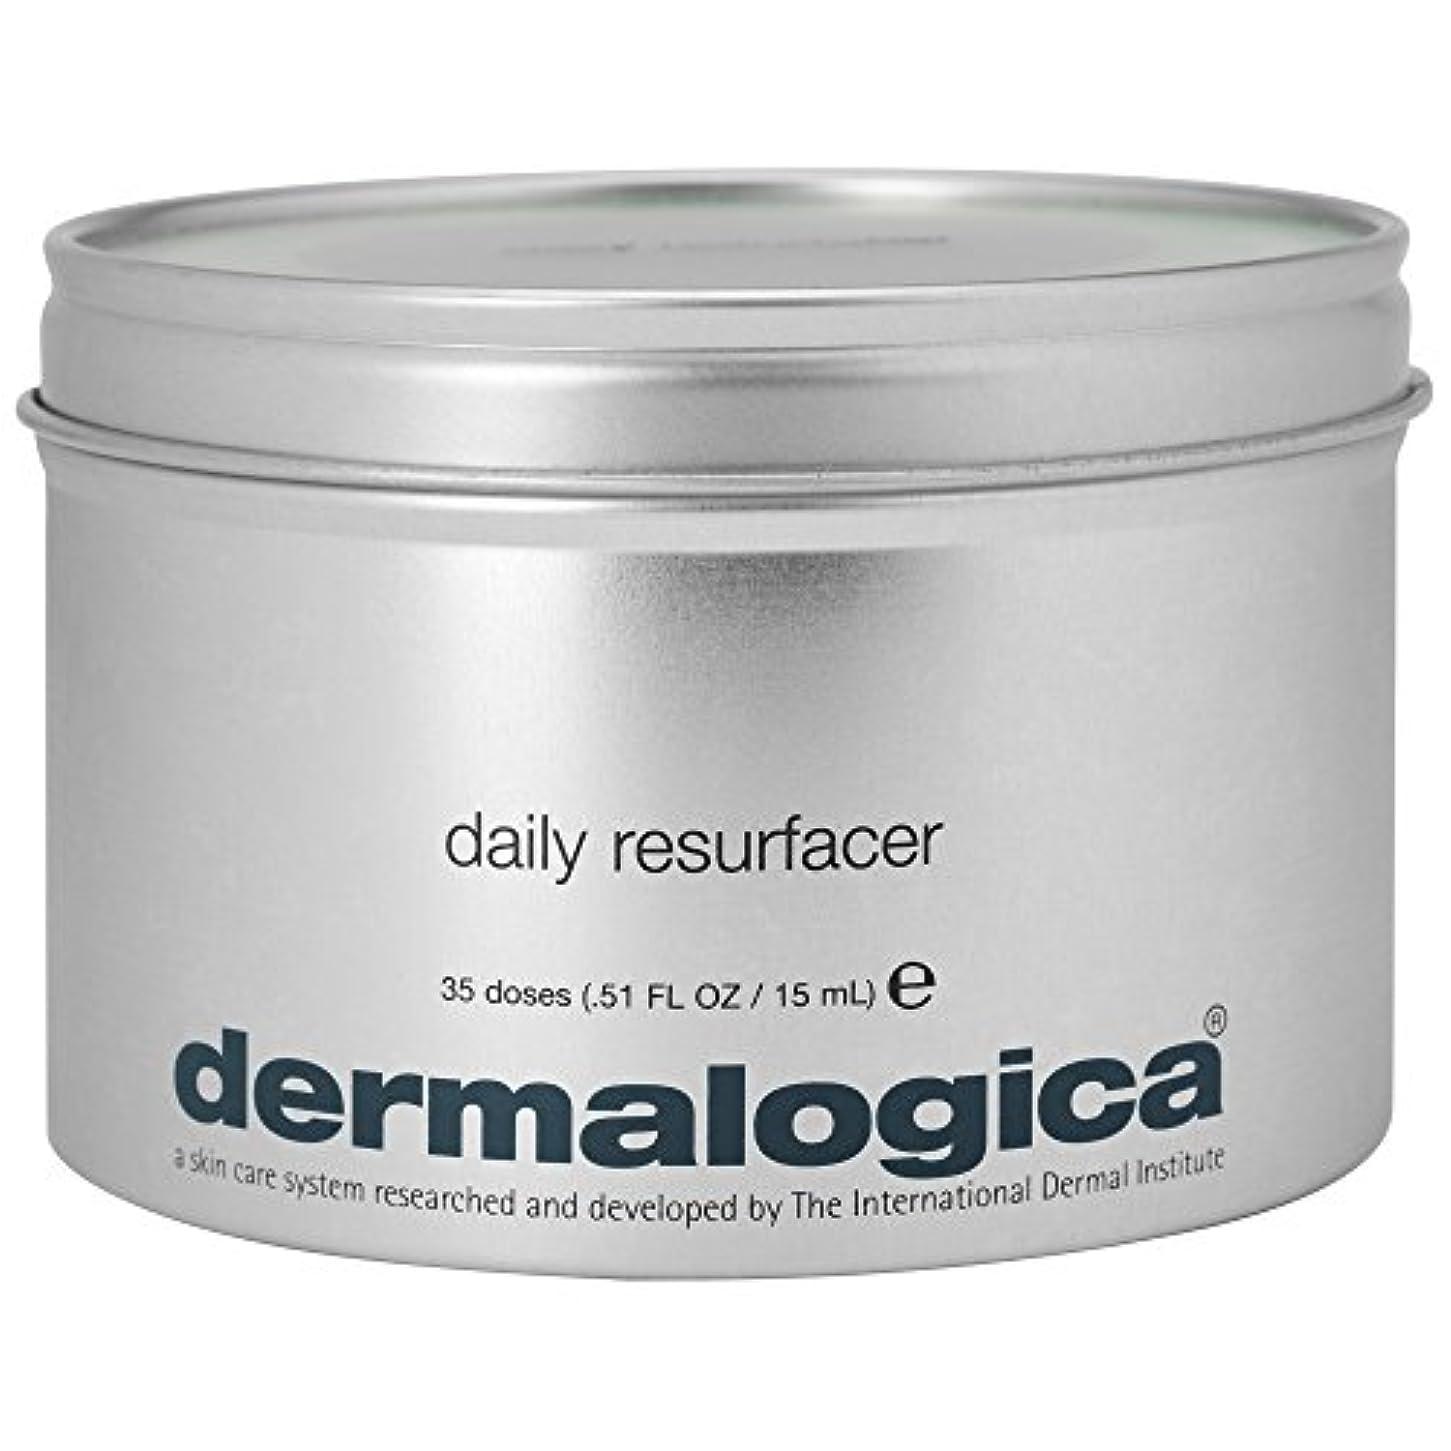 メルボルン独立安全性35のダーマロジカ毎日Resurfacerパック (Dermalogica) (x6) - Dermalogica Daily Resurfacer Pack of 35 (Pack of 6) [並行輸入品]